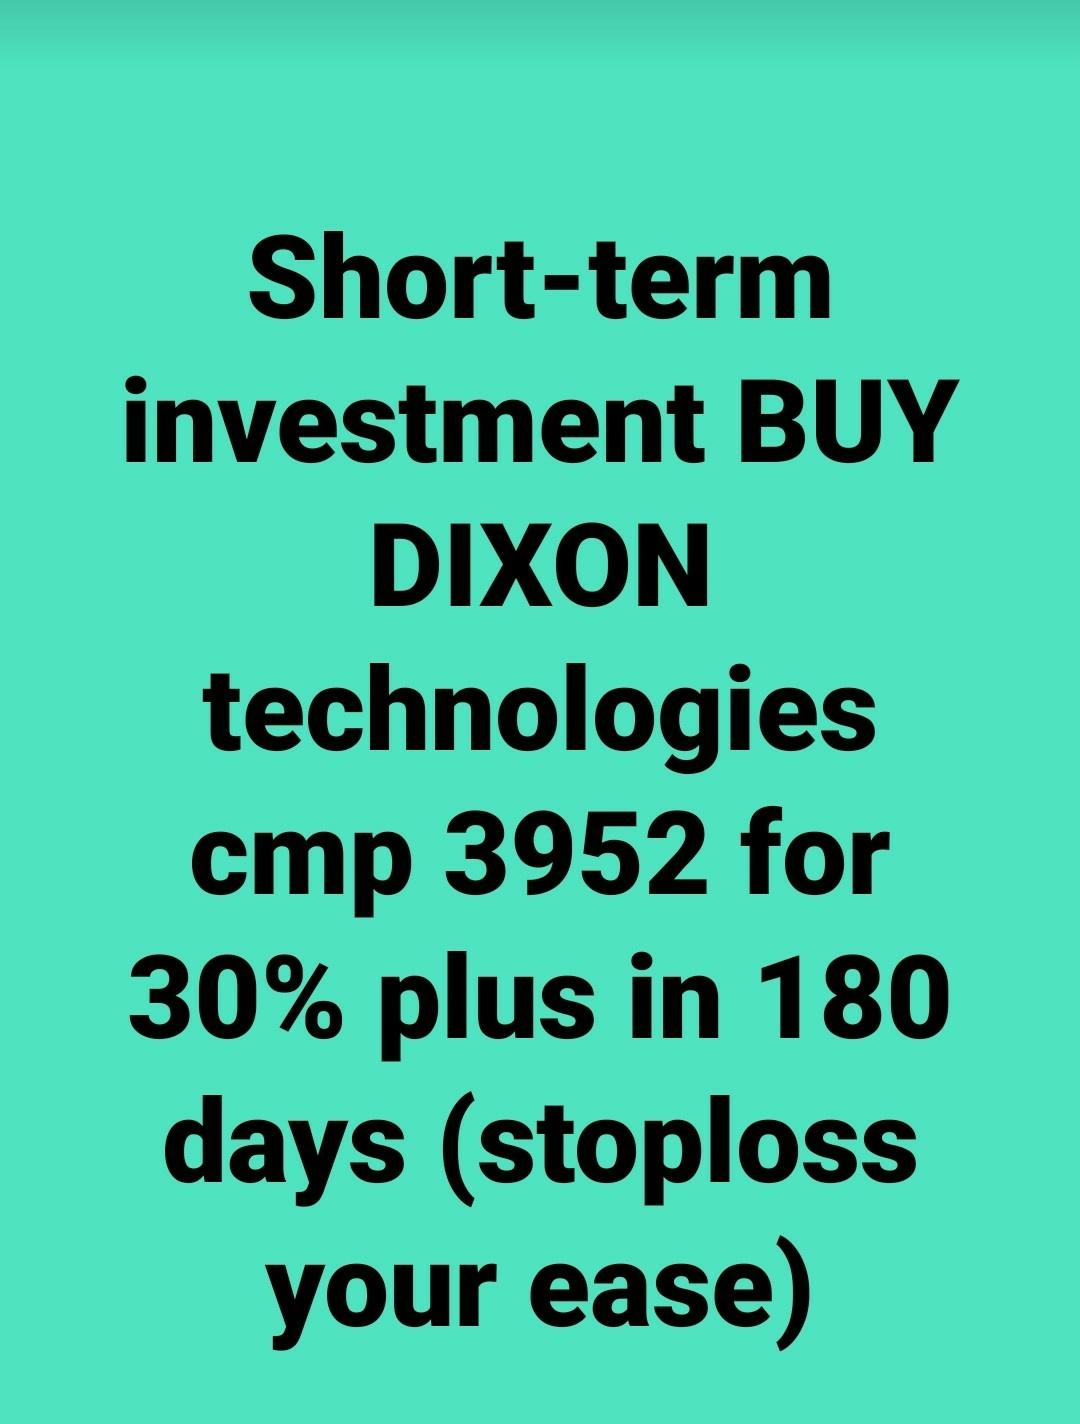 DIXON - 513343